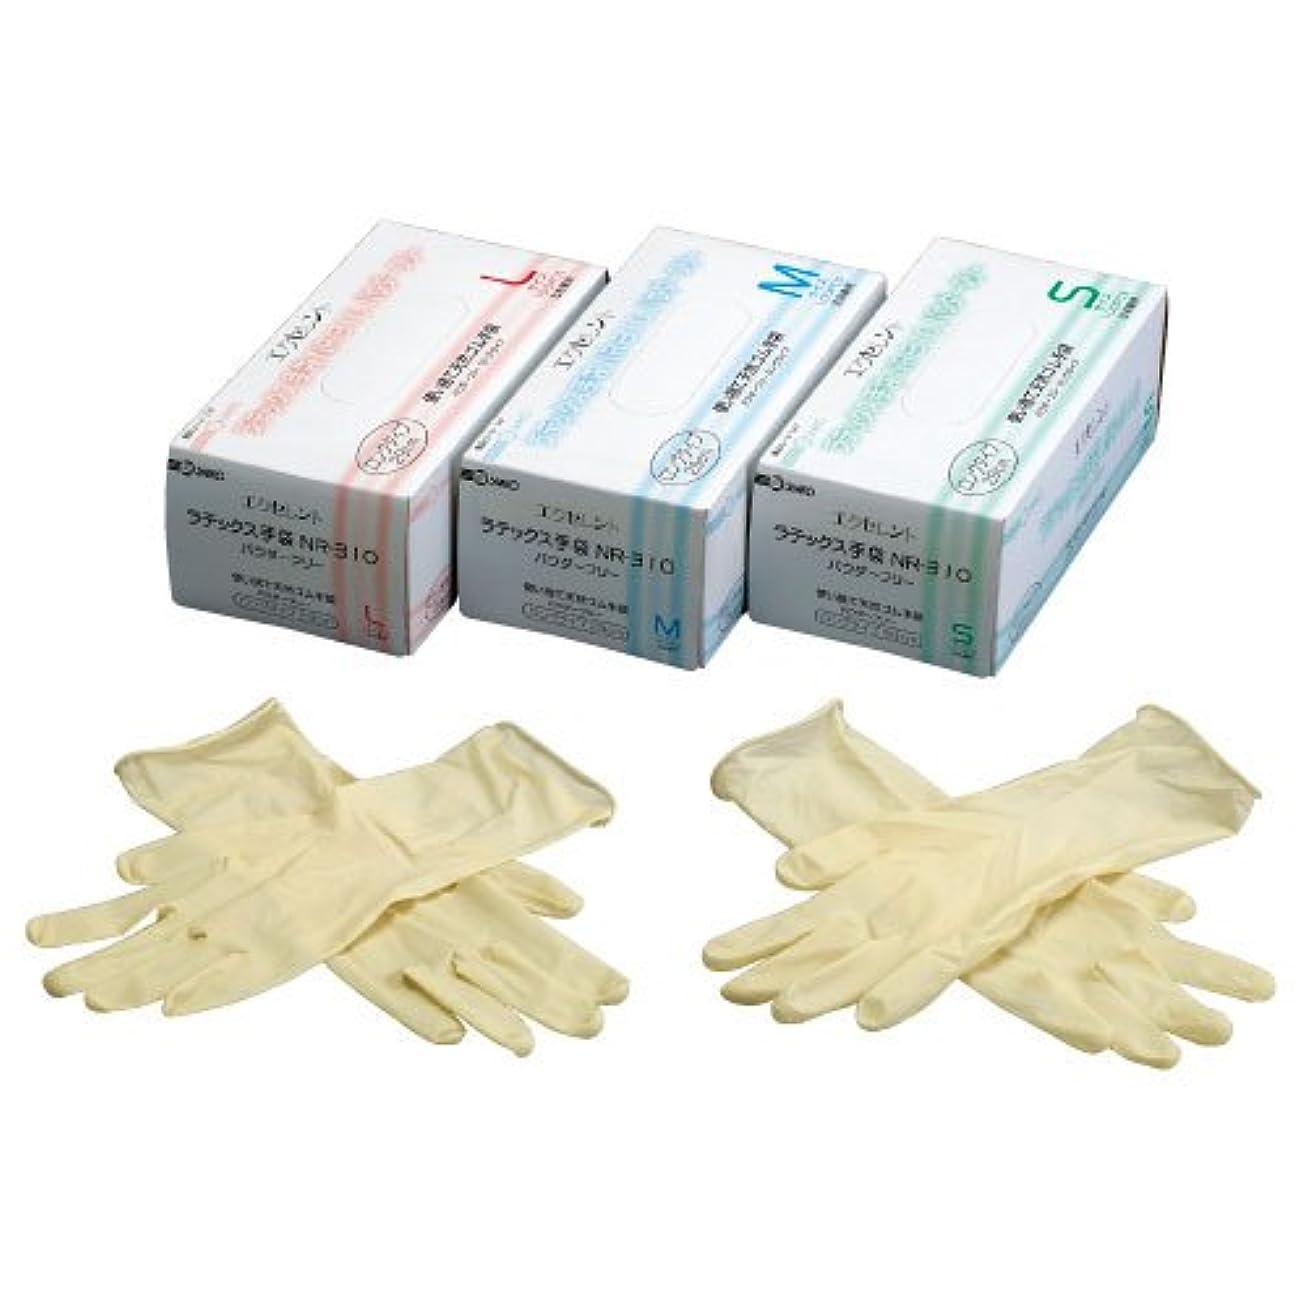 奇跡的な壮大なルートエクセレントラテックス手袋PFロング ????????????????(23-3140-00)NR-310(100????)S S